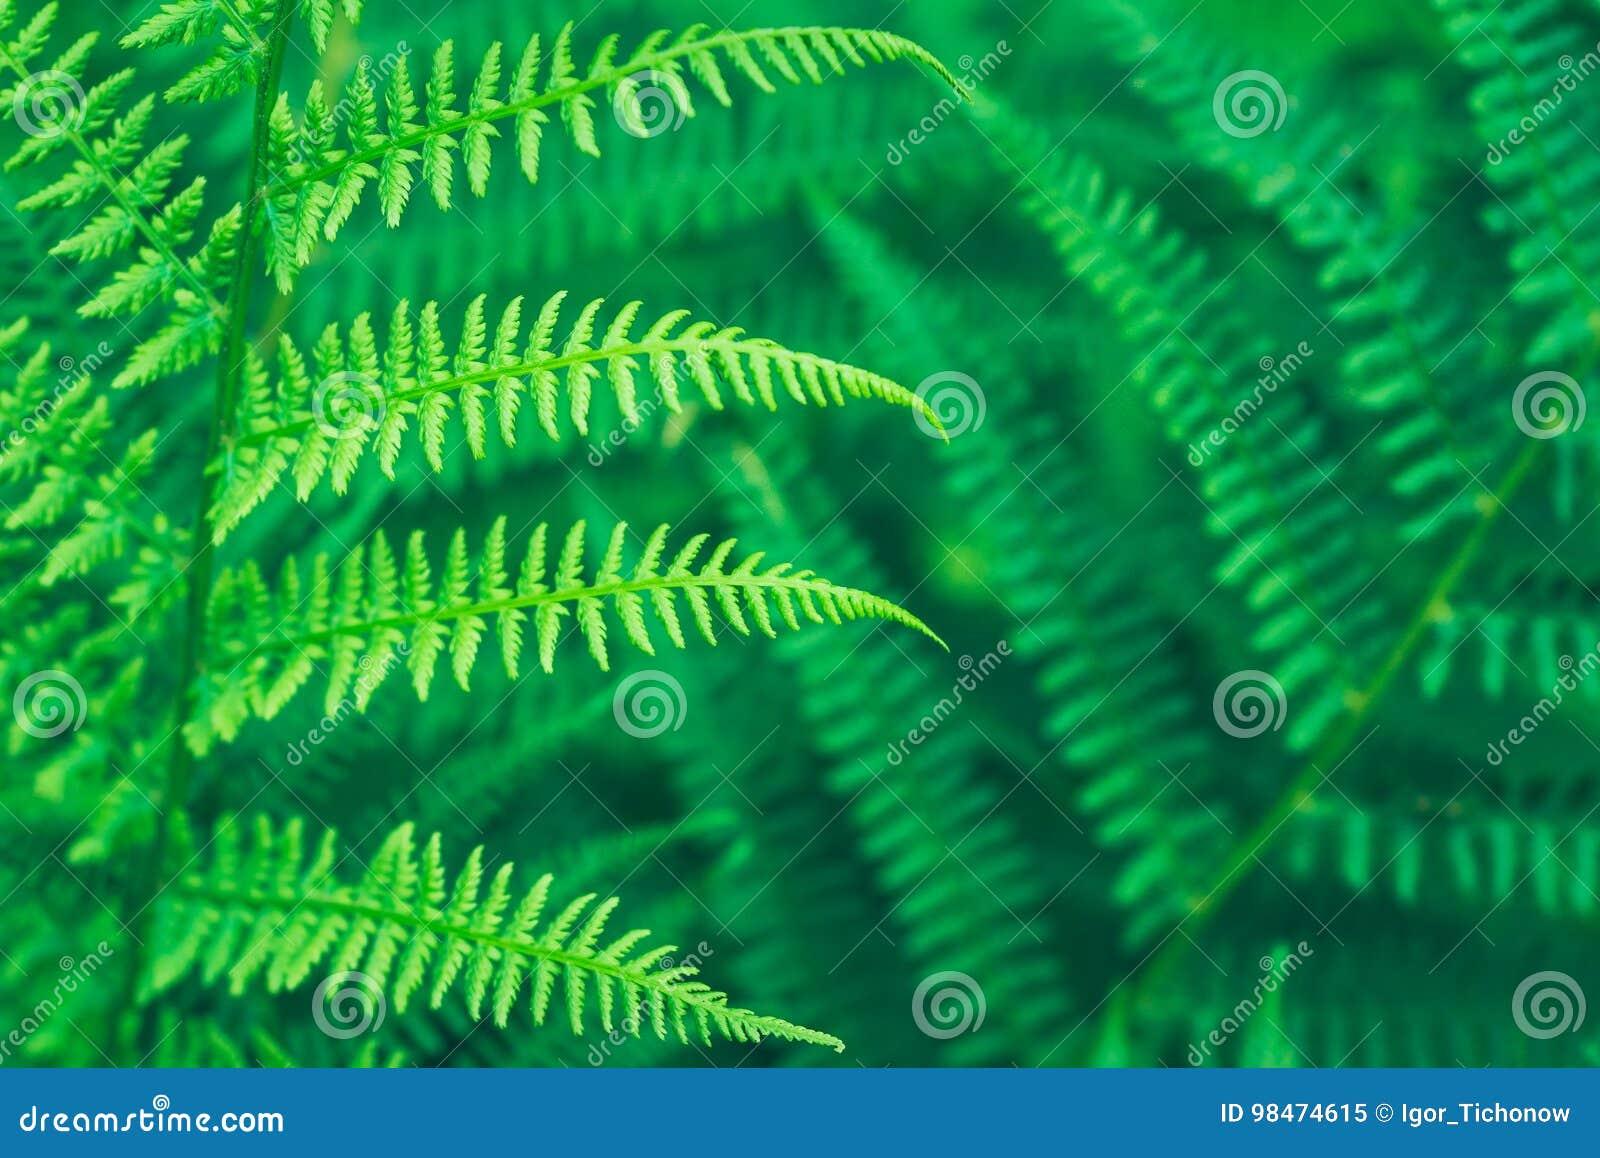 Lush green fern leaf in forest